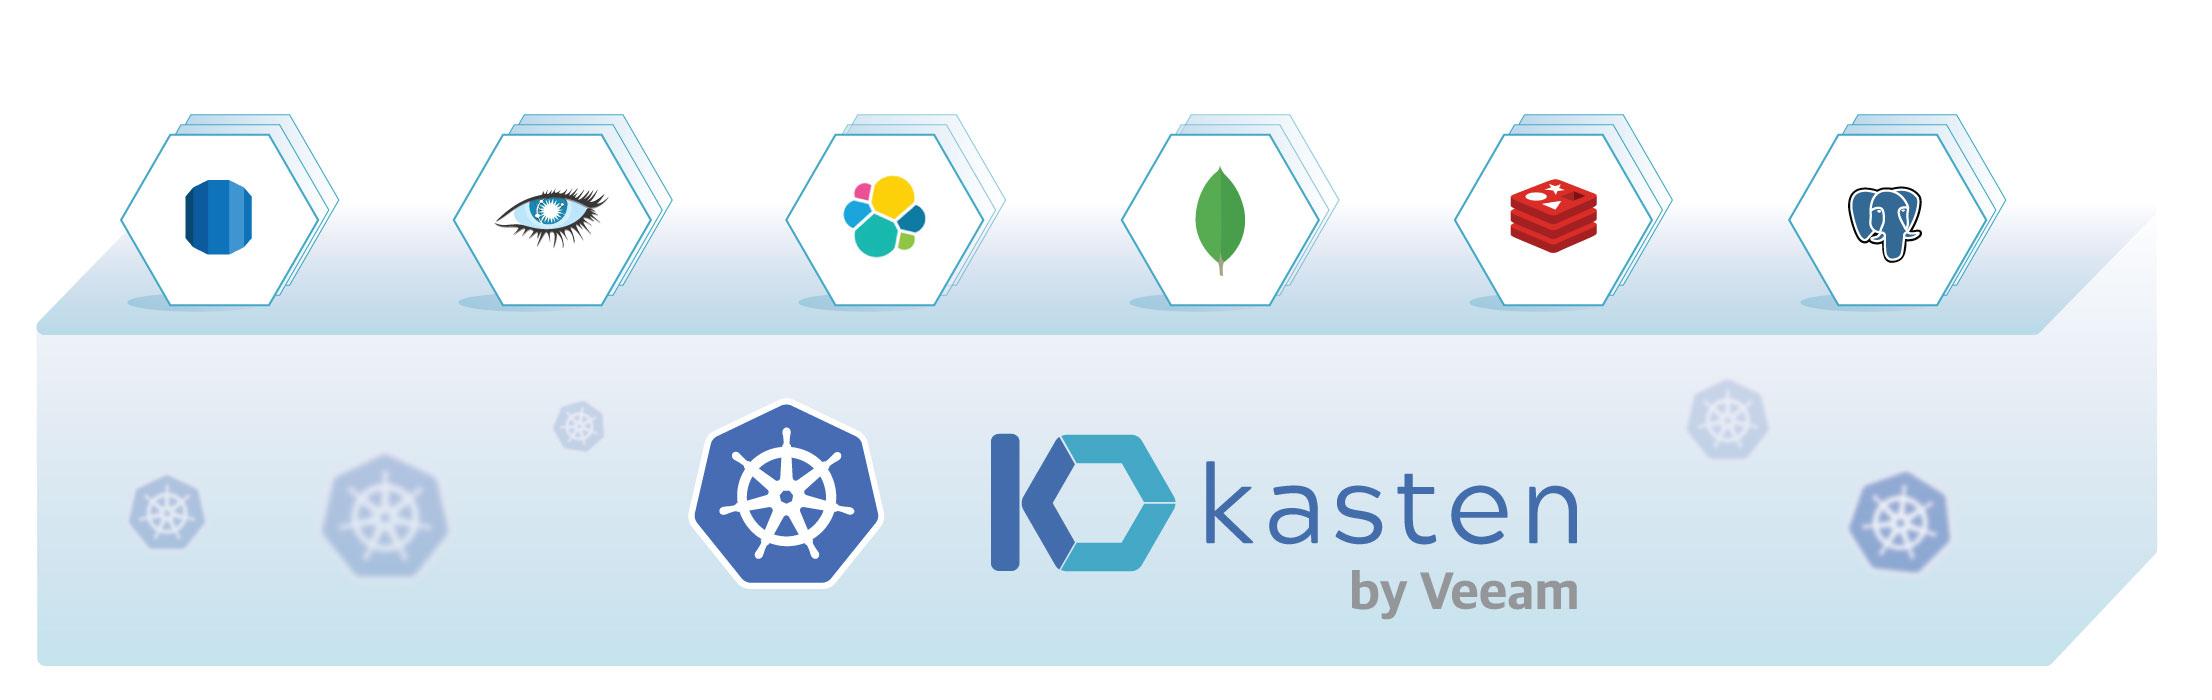 Product-page-kasten-k10-kubernetes-posgre-mongoDB-redis-kasten